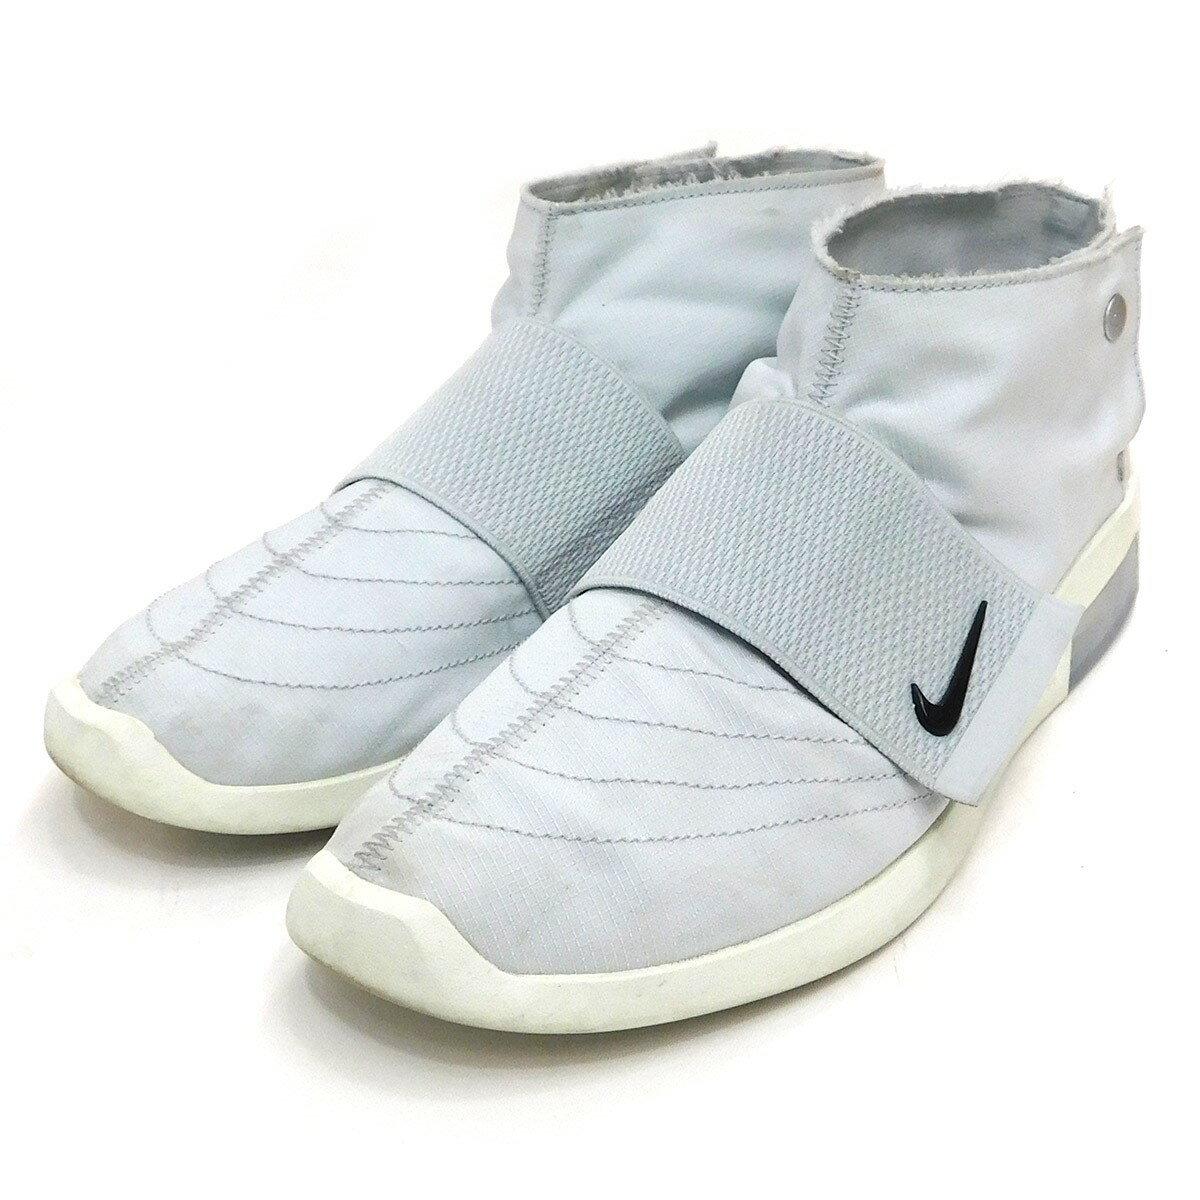 メンズ靴, その他 NIKEFEAR OF GOD MOC AT8086-001 28cm 270120